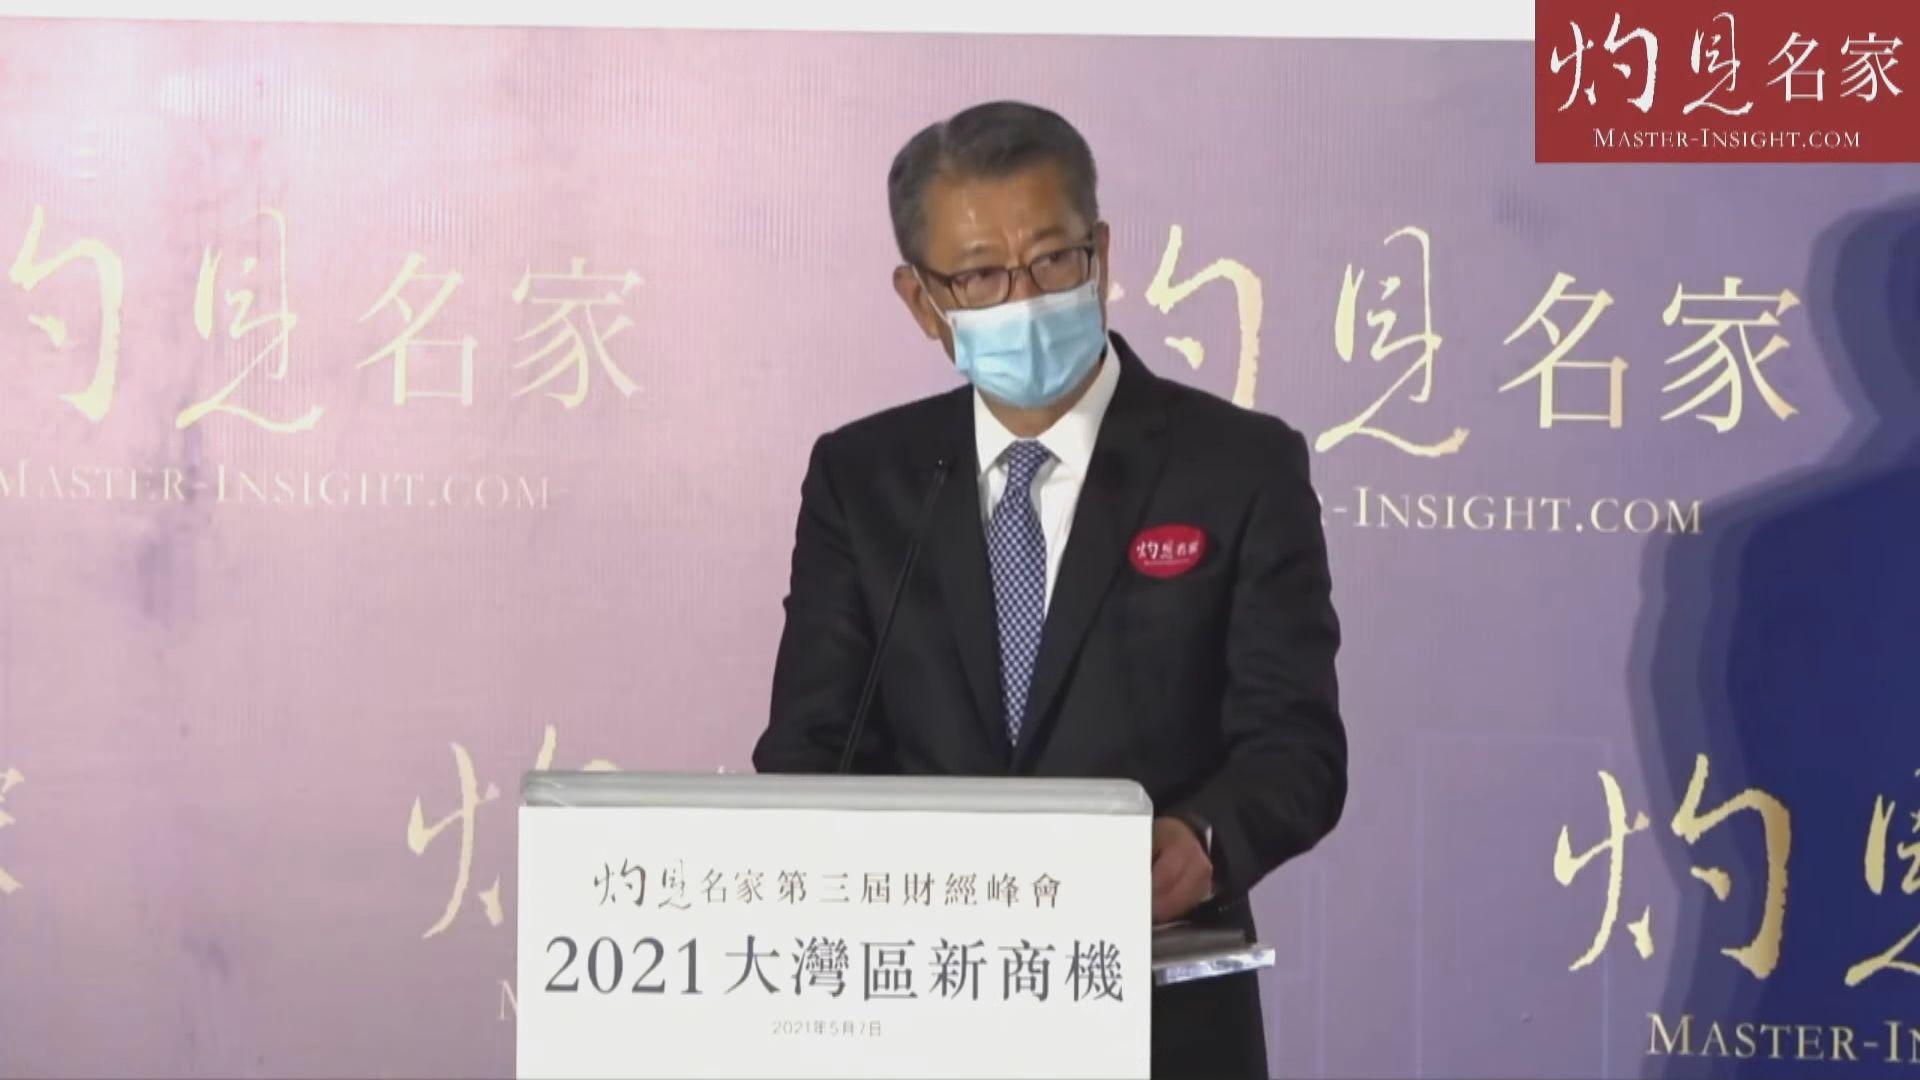 陳茂波:中央支持香港融入大灣區發展 突破外國圍堵